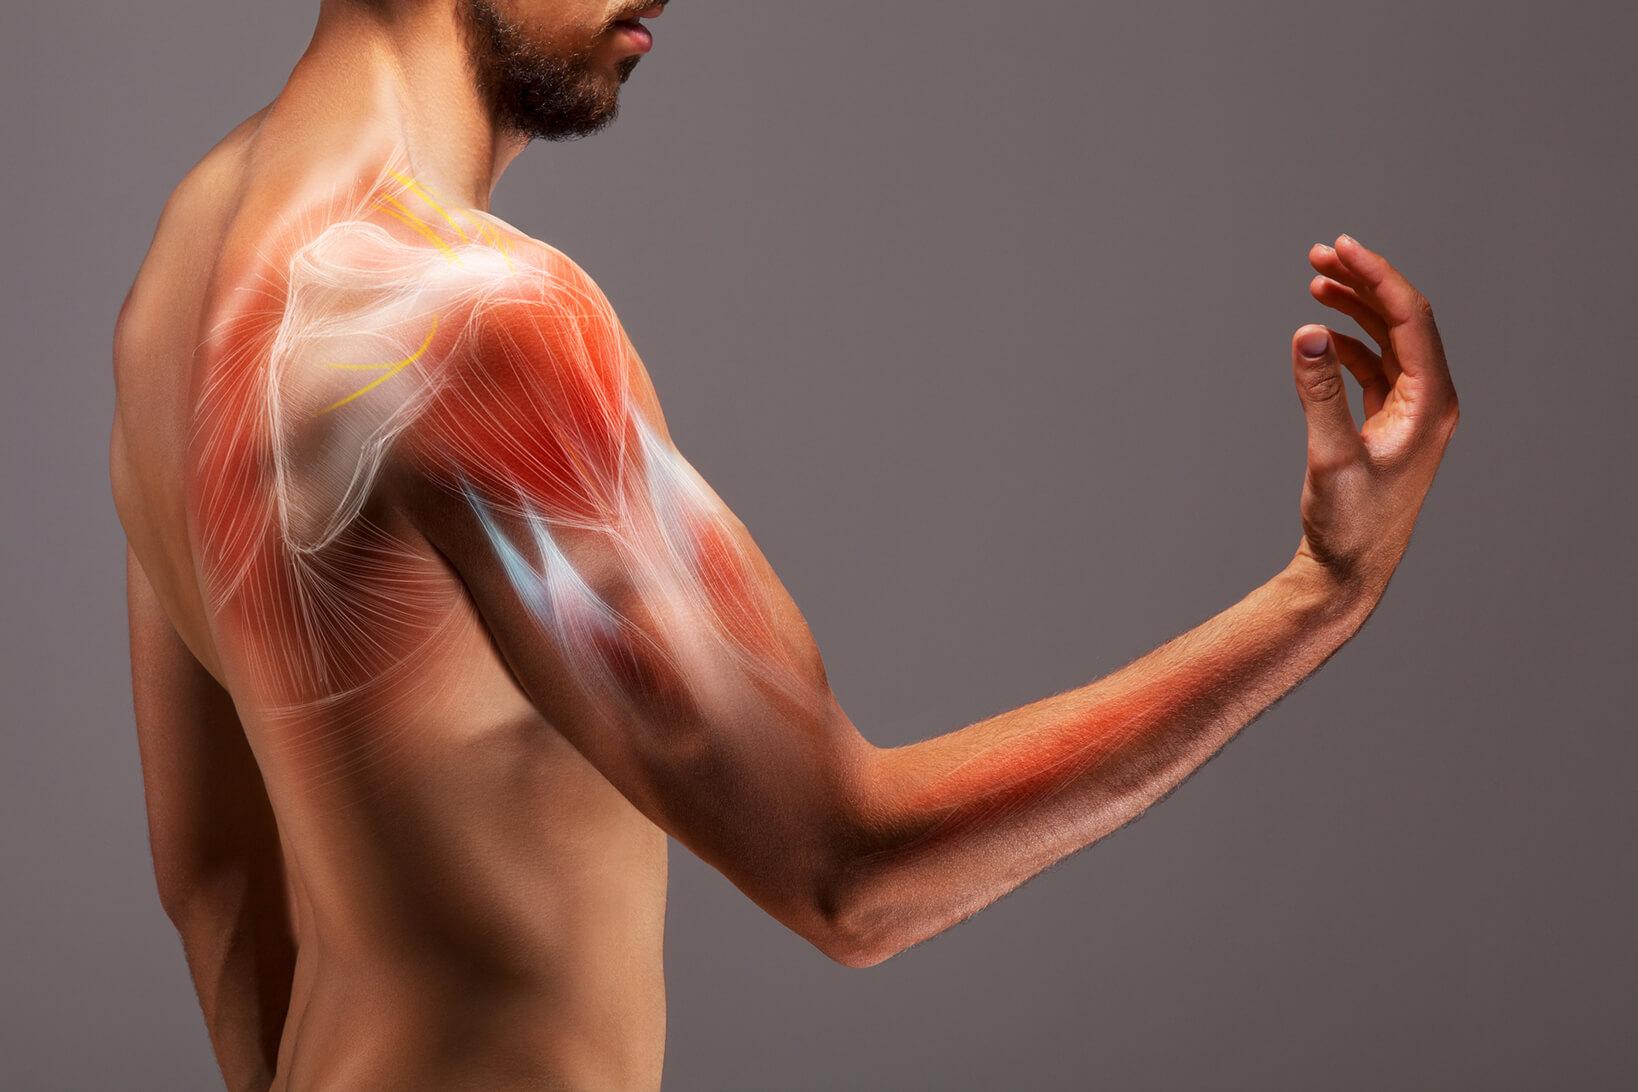 Darstellung von Muskelfasern in Arm und Schulter.